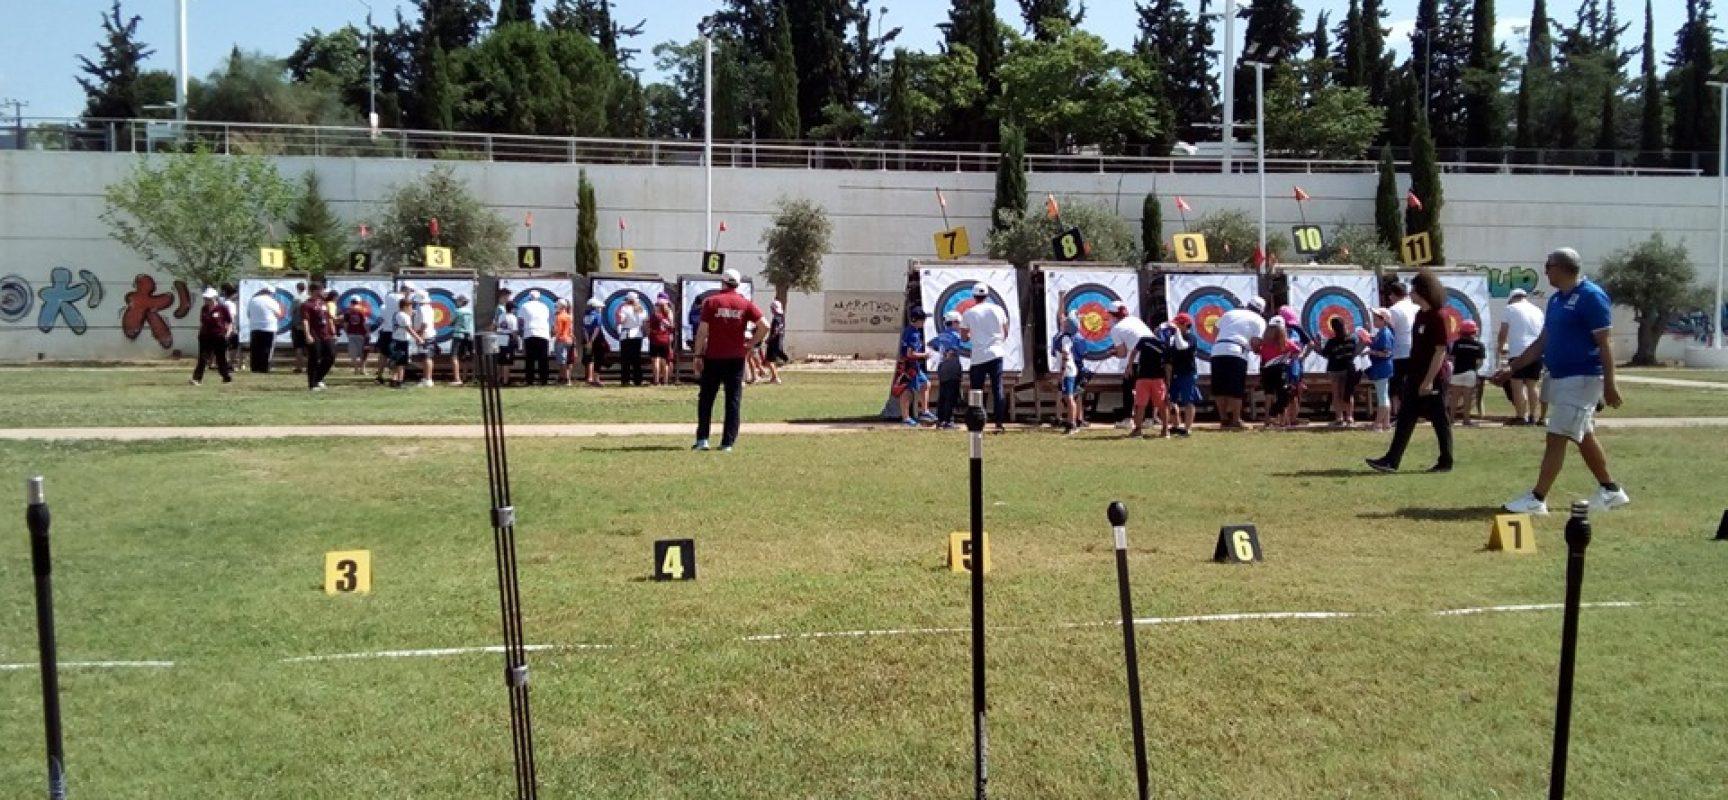 Λίστες αθλητών ανα στόχο για τους  αγώνες Α.Χ που θα διεξαχθούν 4 & 5 Ιουλίου 2020 στο ΟΑΚΑ-ΕΥΑΓΓΕΛΙΑ ΨΑΡΡΑ